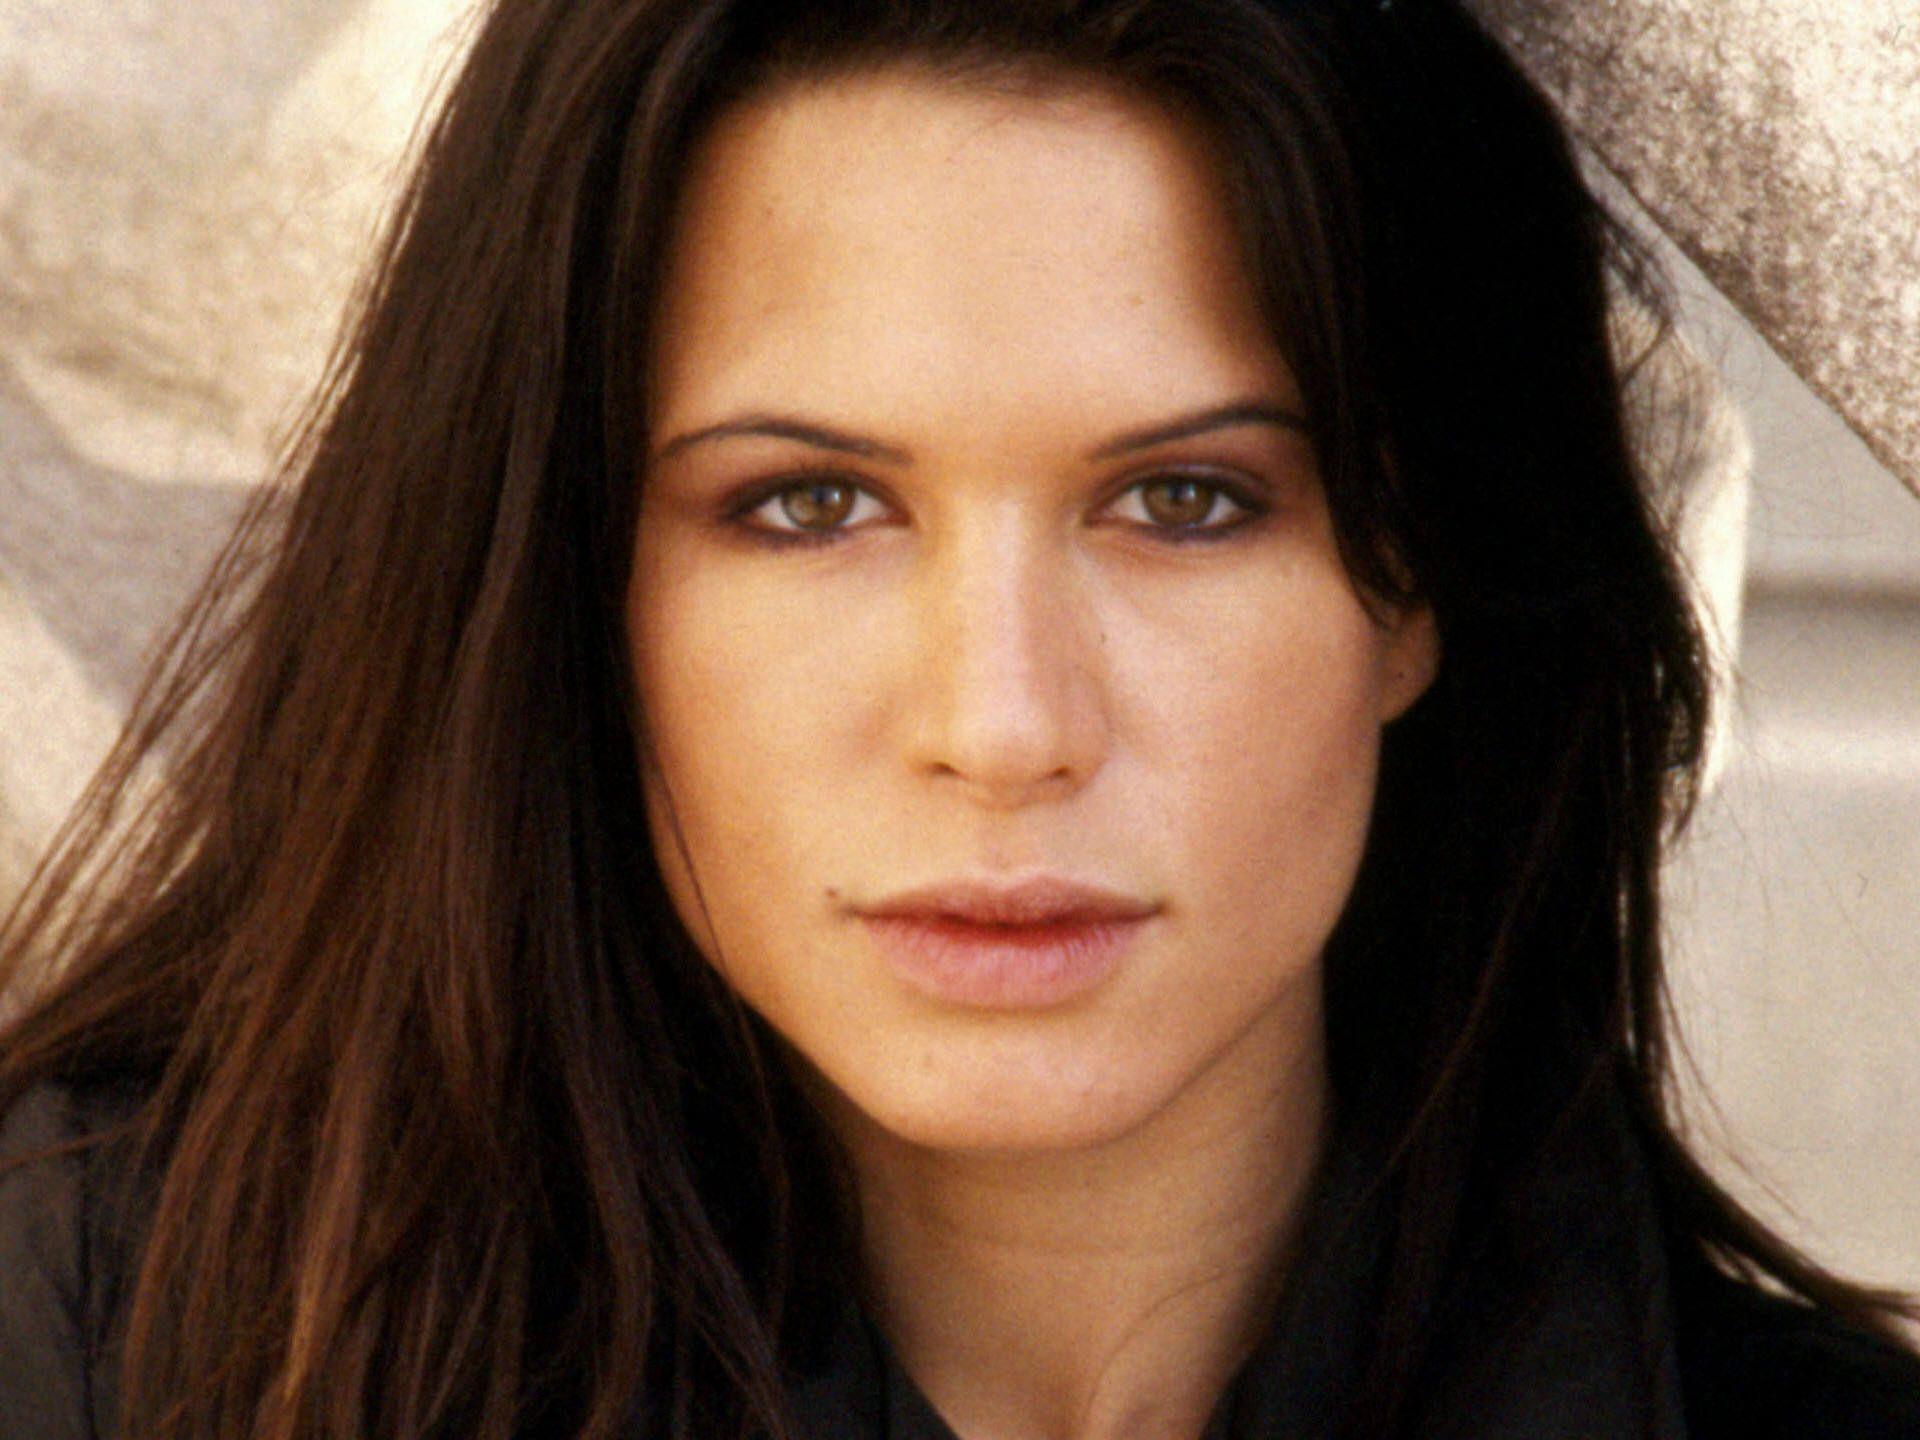 Rhona Mitra (born 1976)